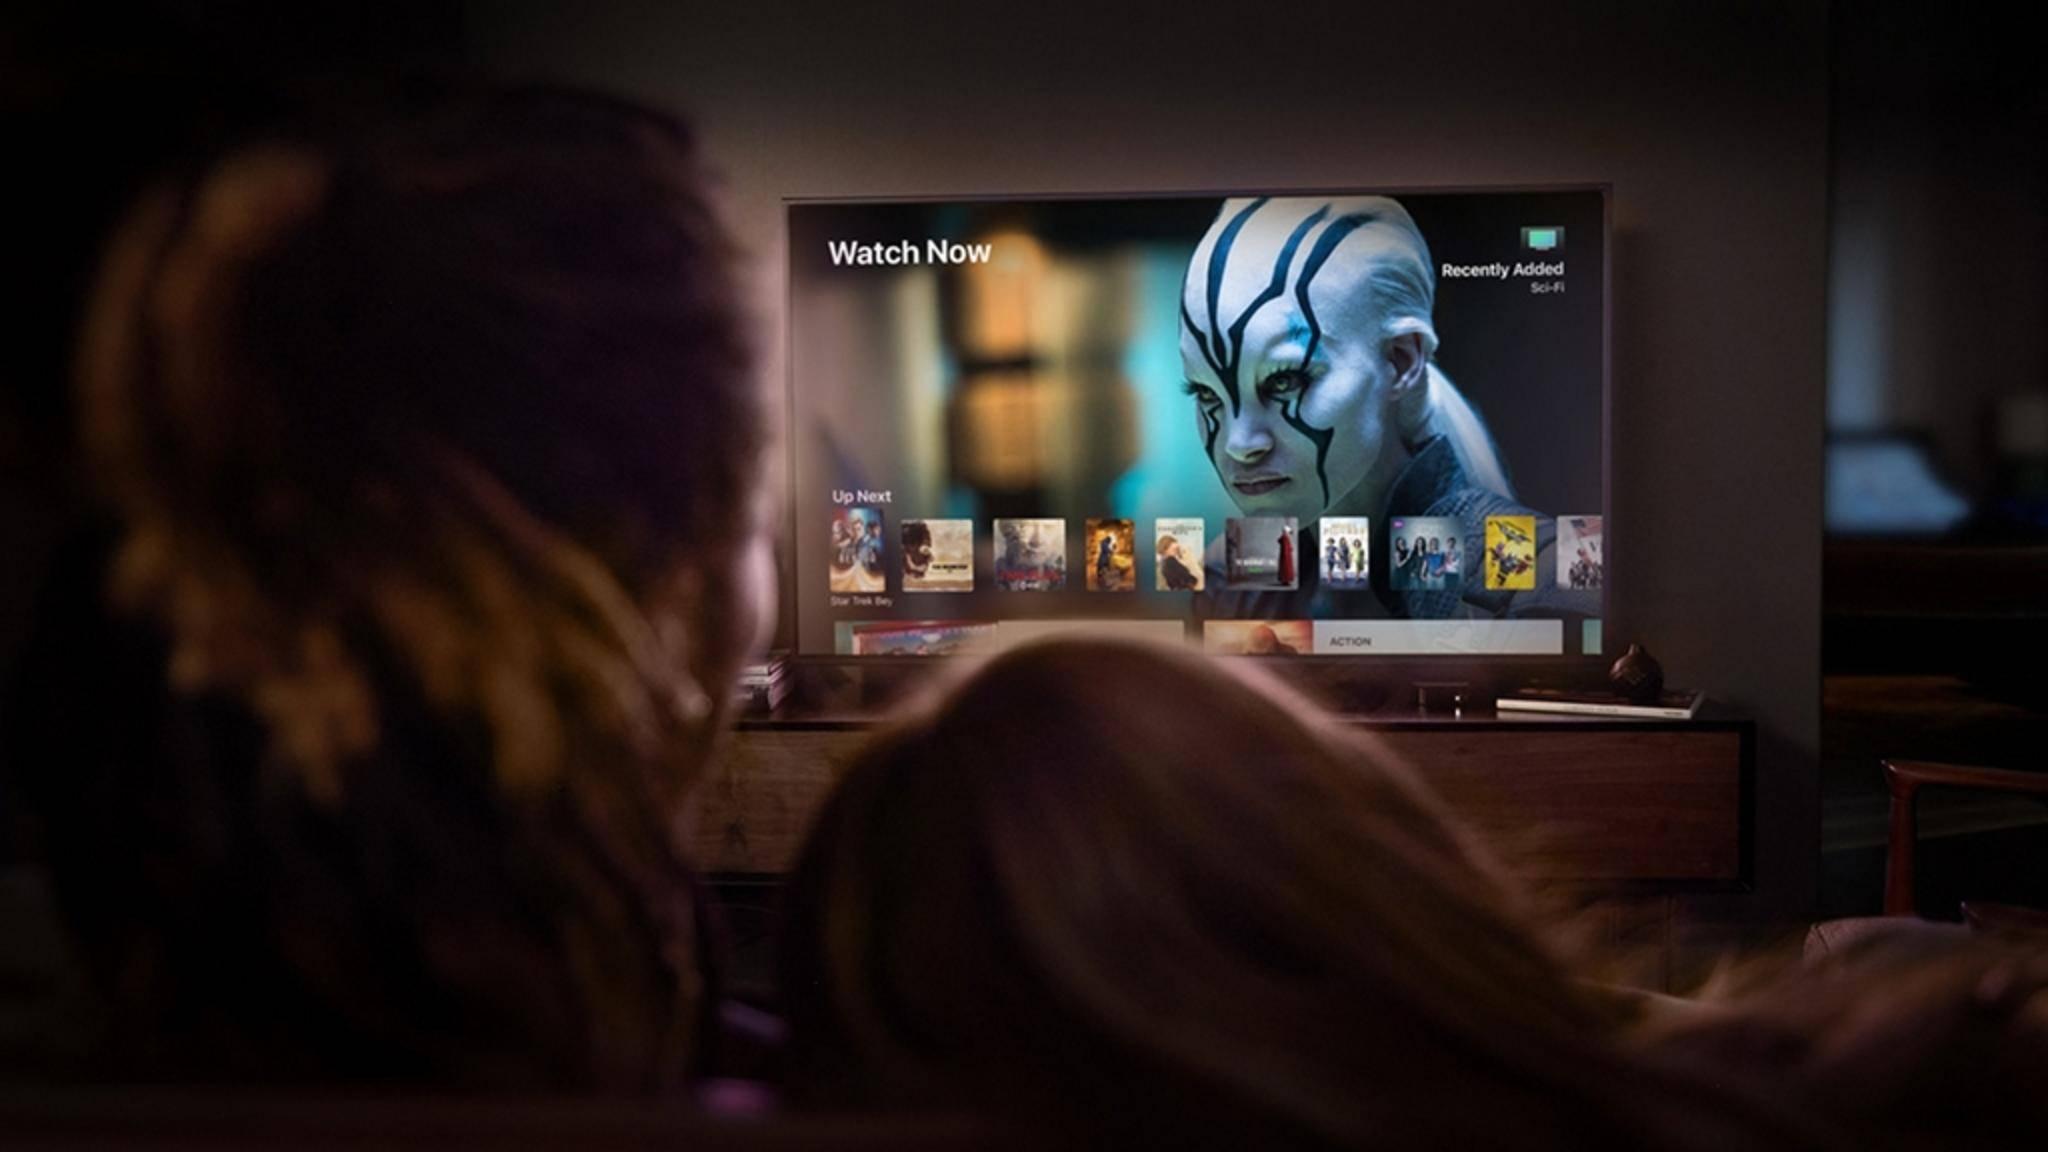 Endlich! Auch die YouTube-App auf dem Apple TV 4K unterstützt ab sofort 4K-Videos.